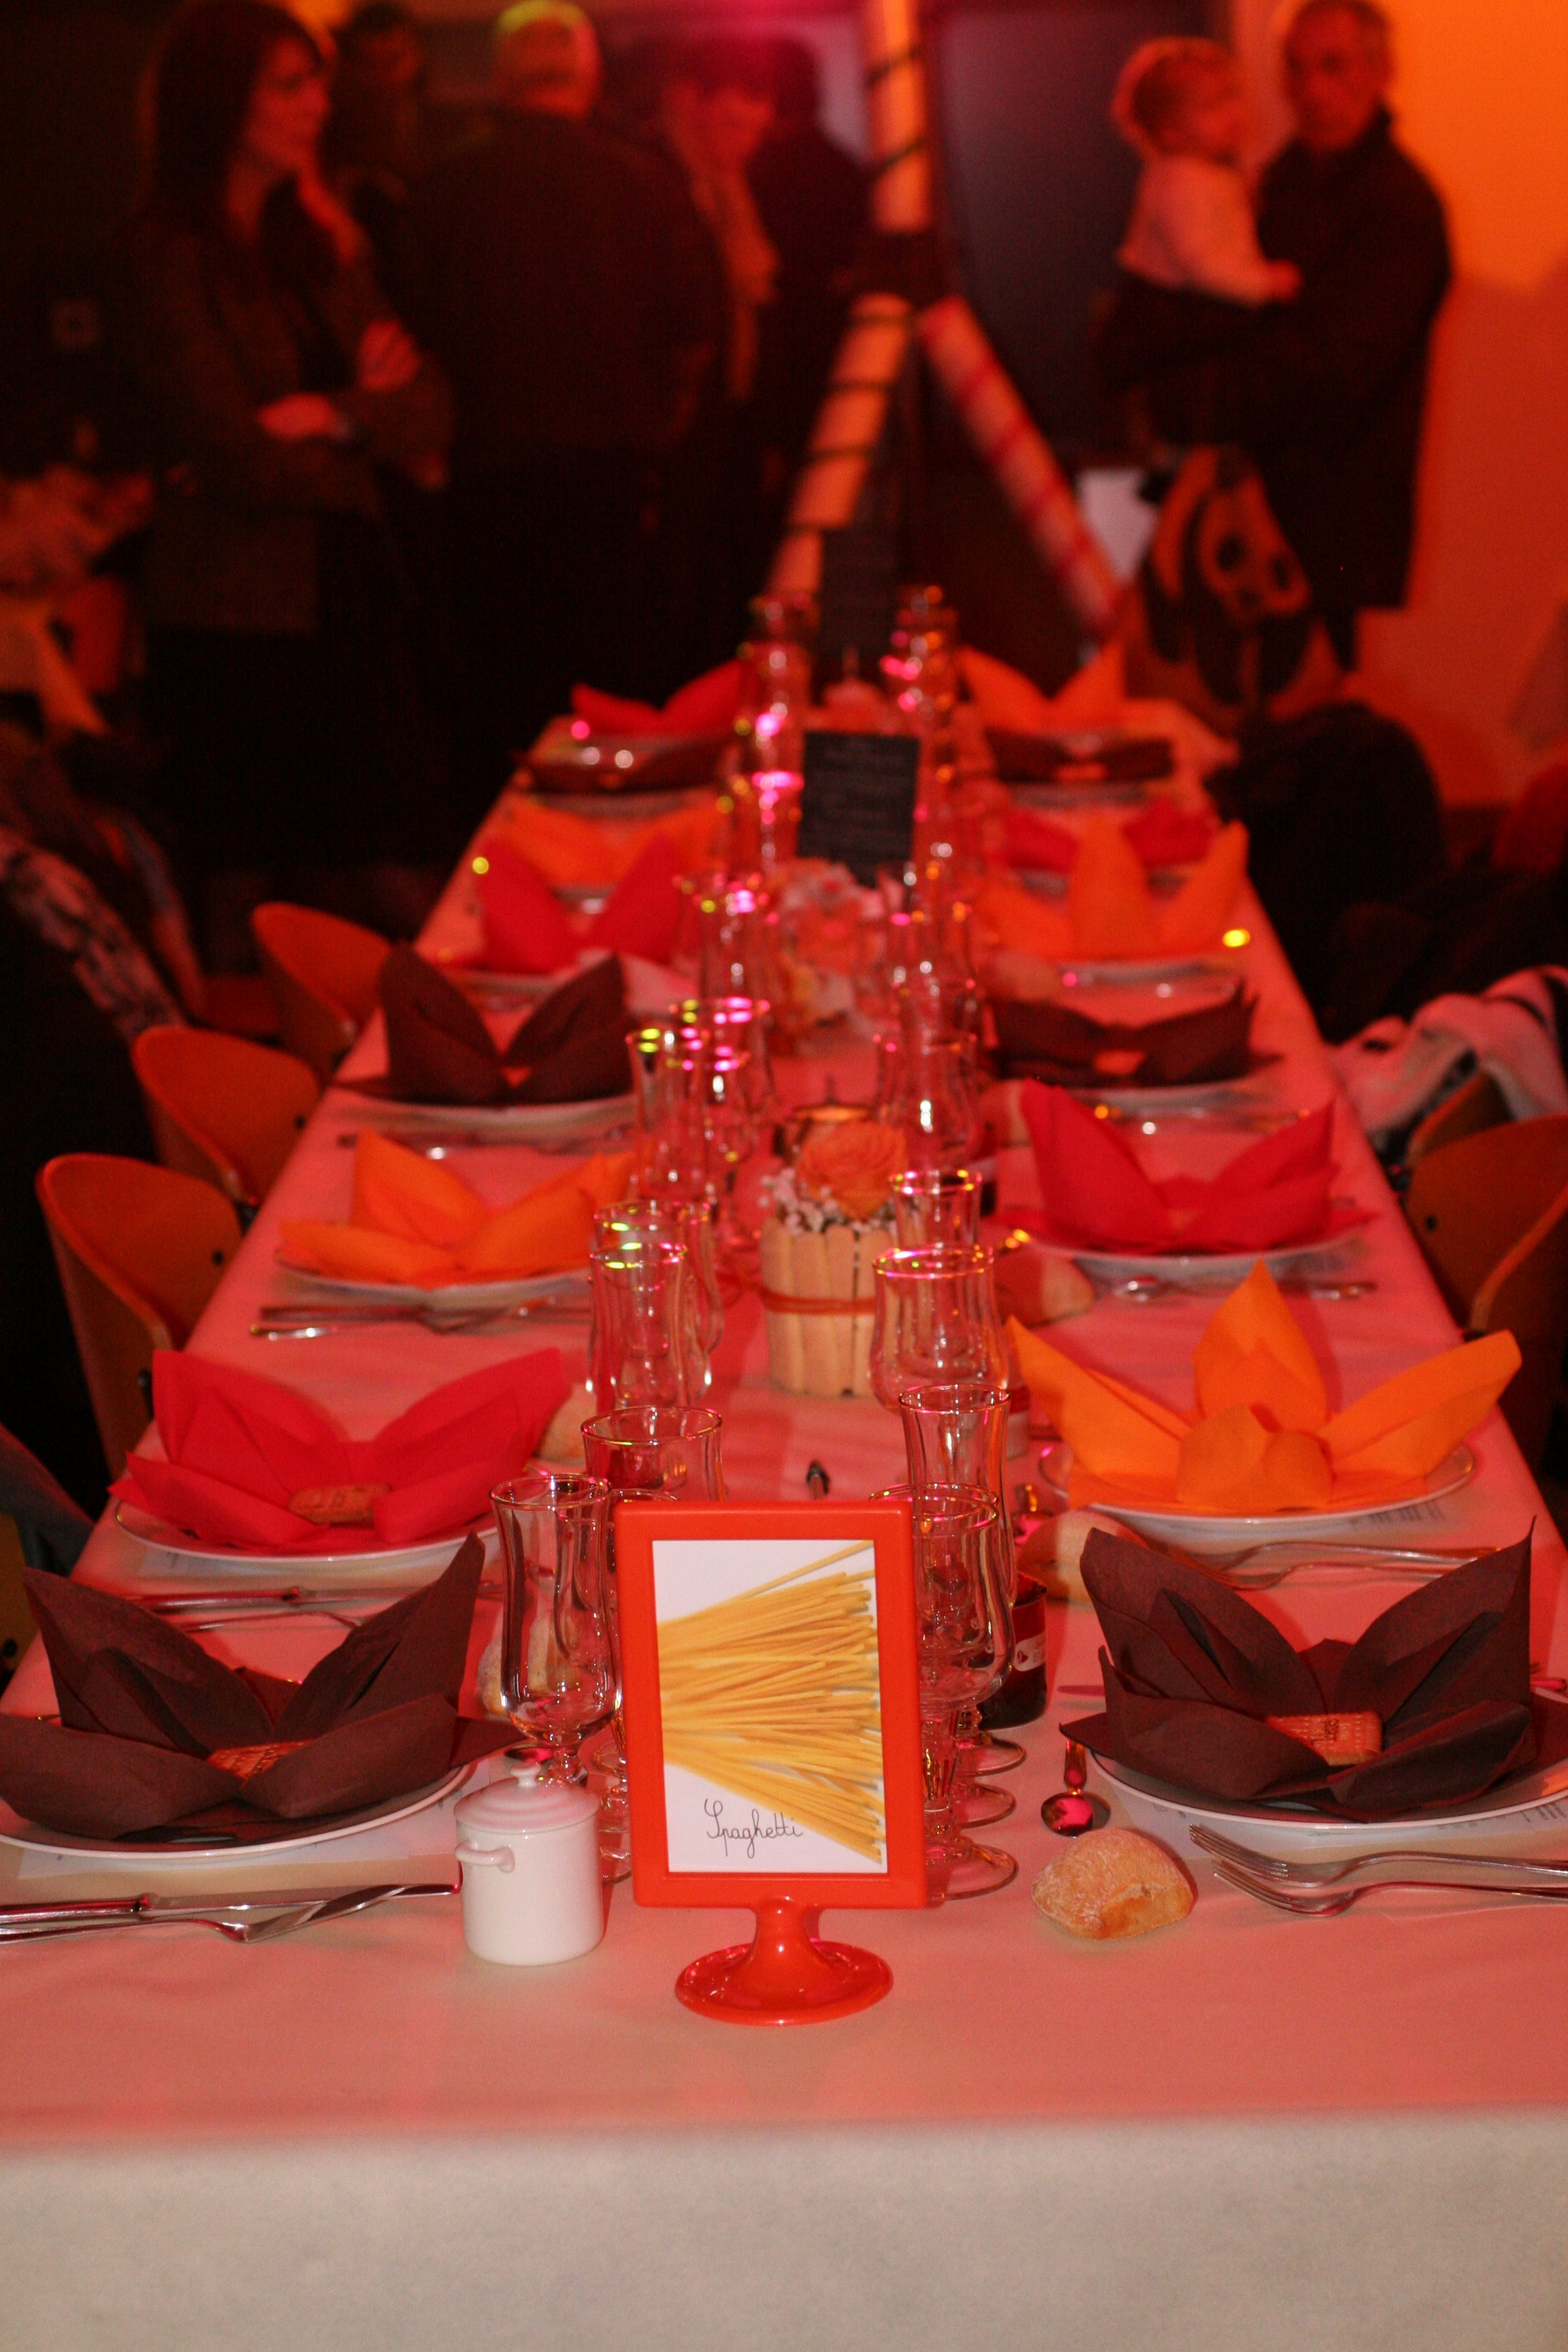 Décoration de table, avec des pâtes, en orange et marron